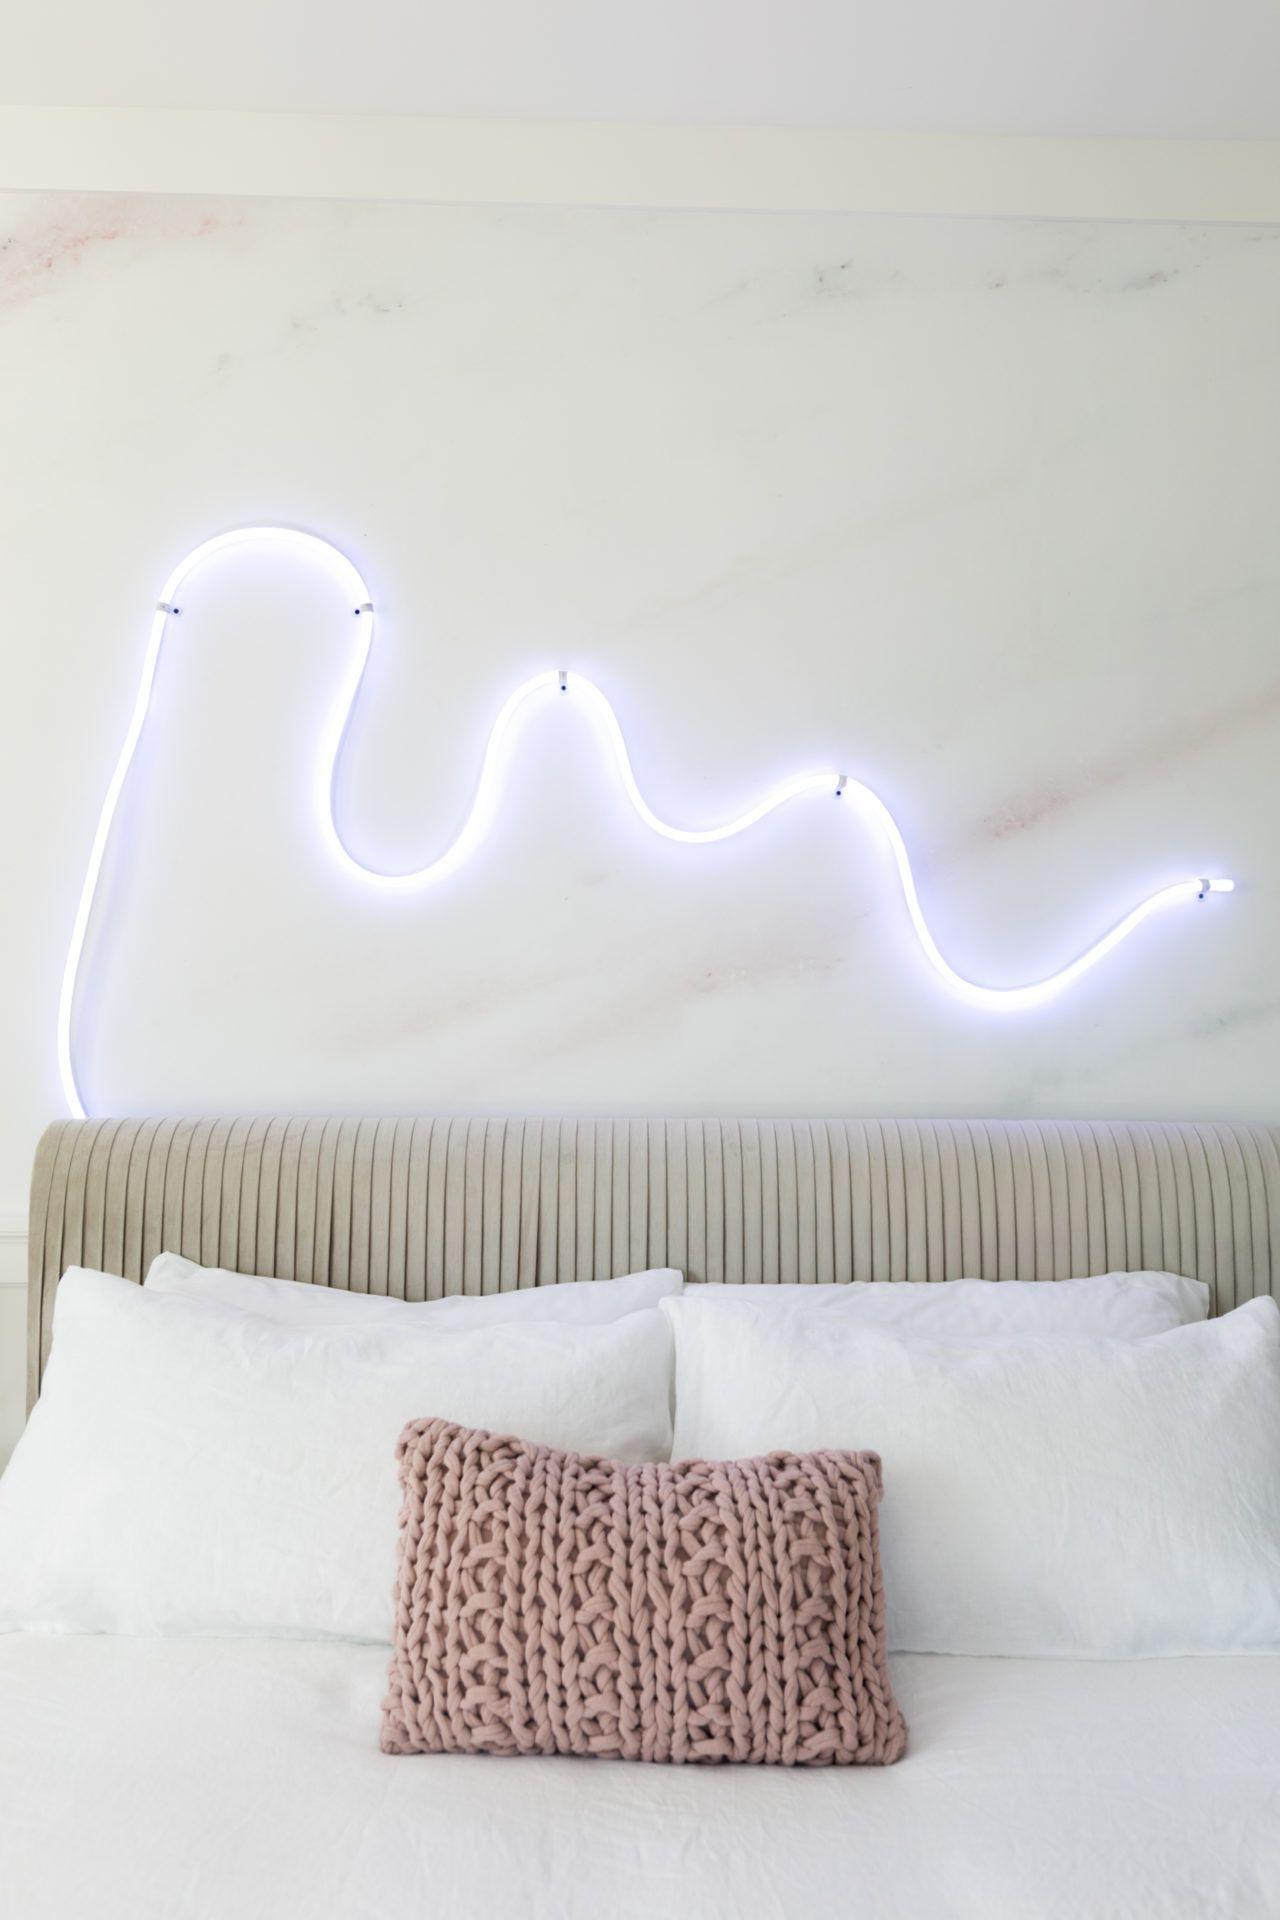 die besten 25 led lampe keller ideen auf pinterest innenbeleuchtung lichtleiste decke und. Black Bedroom Furniture Sets. Home Design Ideas